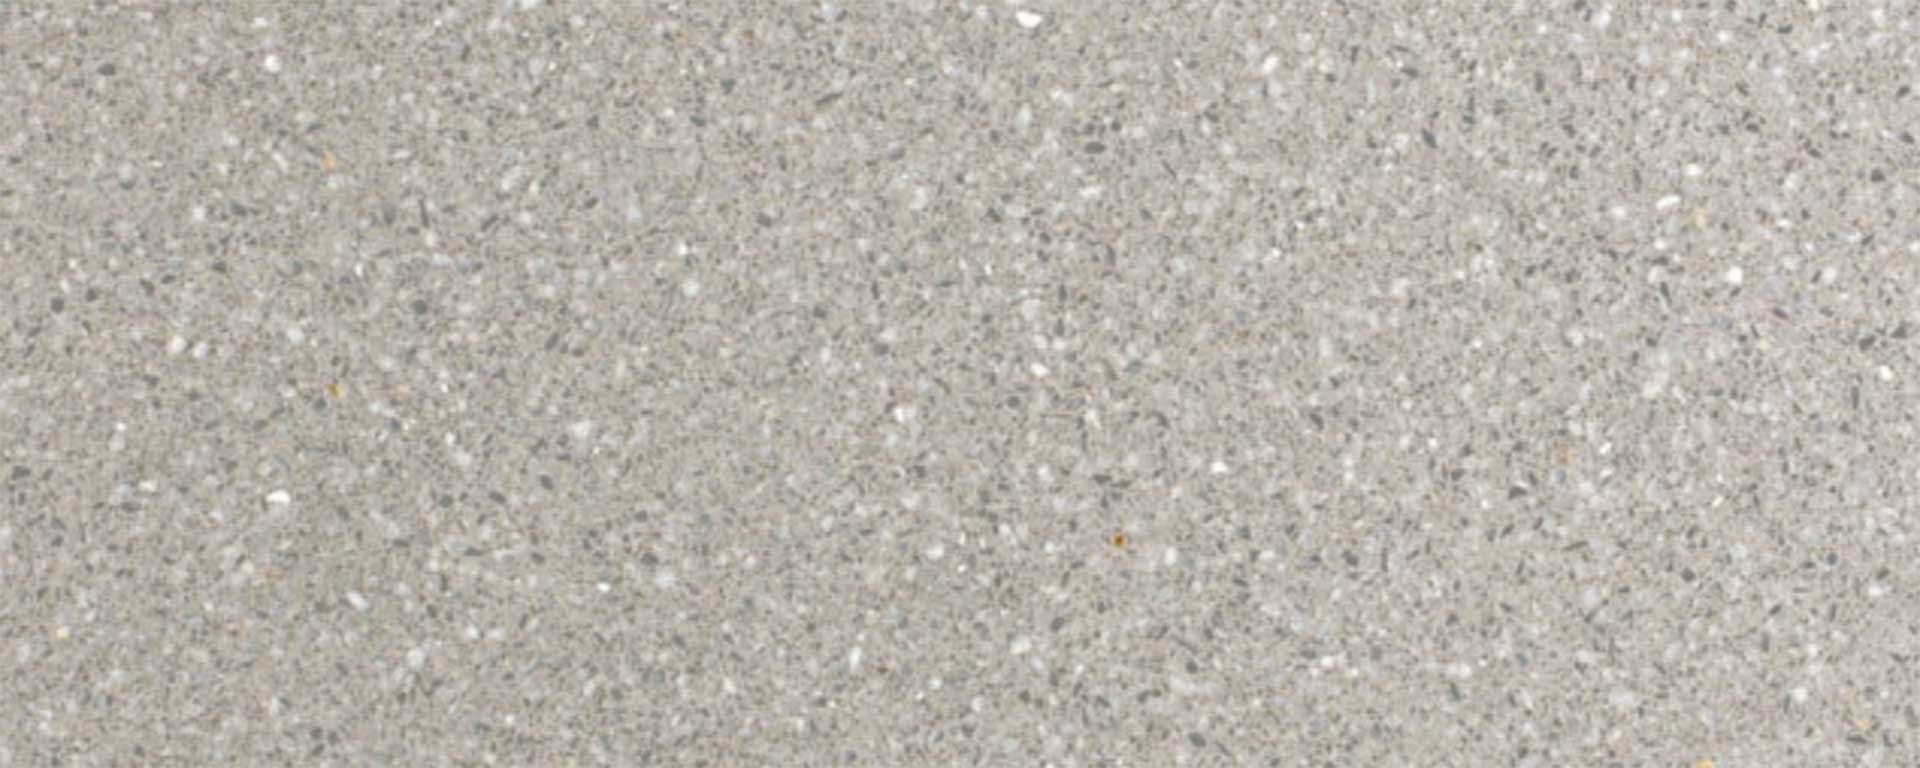 MMDA-011-terrazzo-marmo-cemento